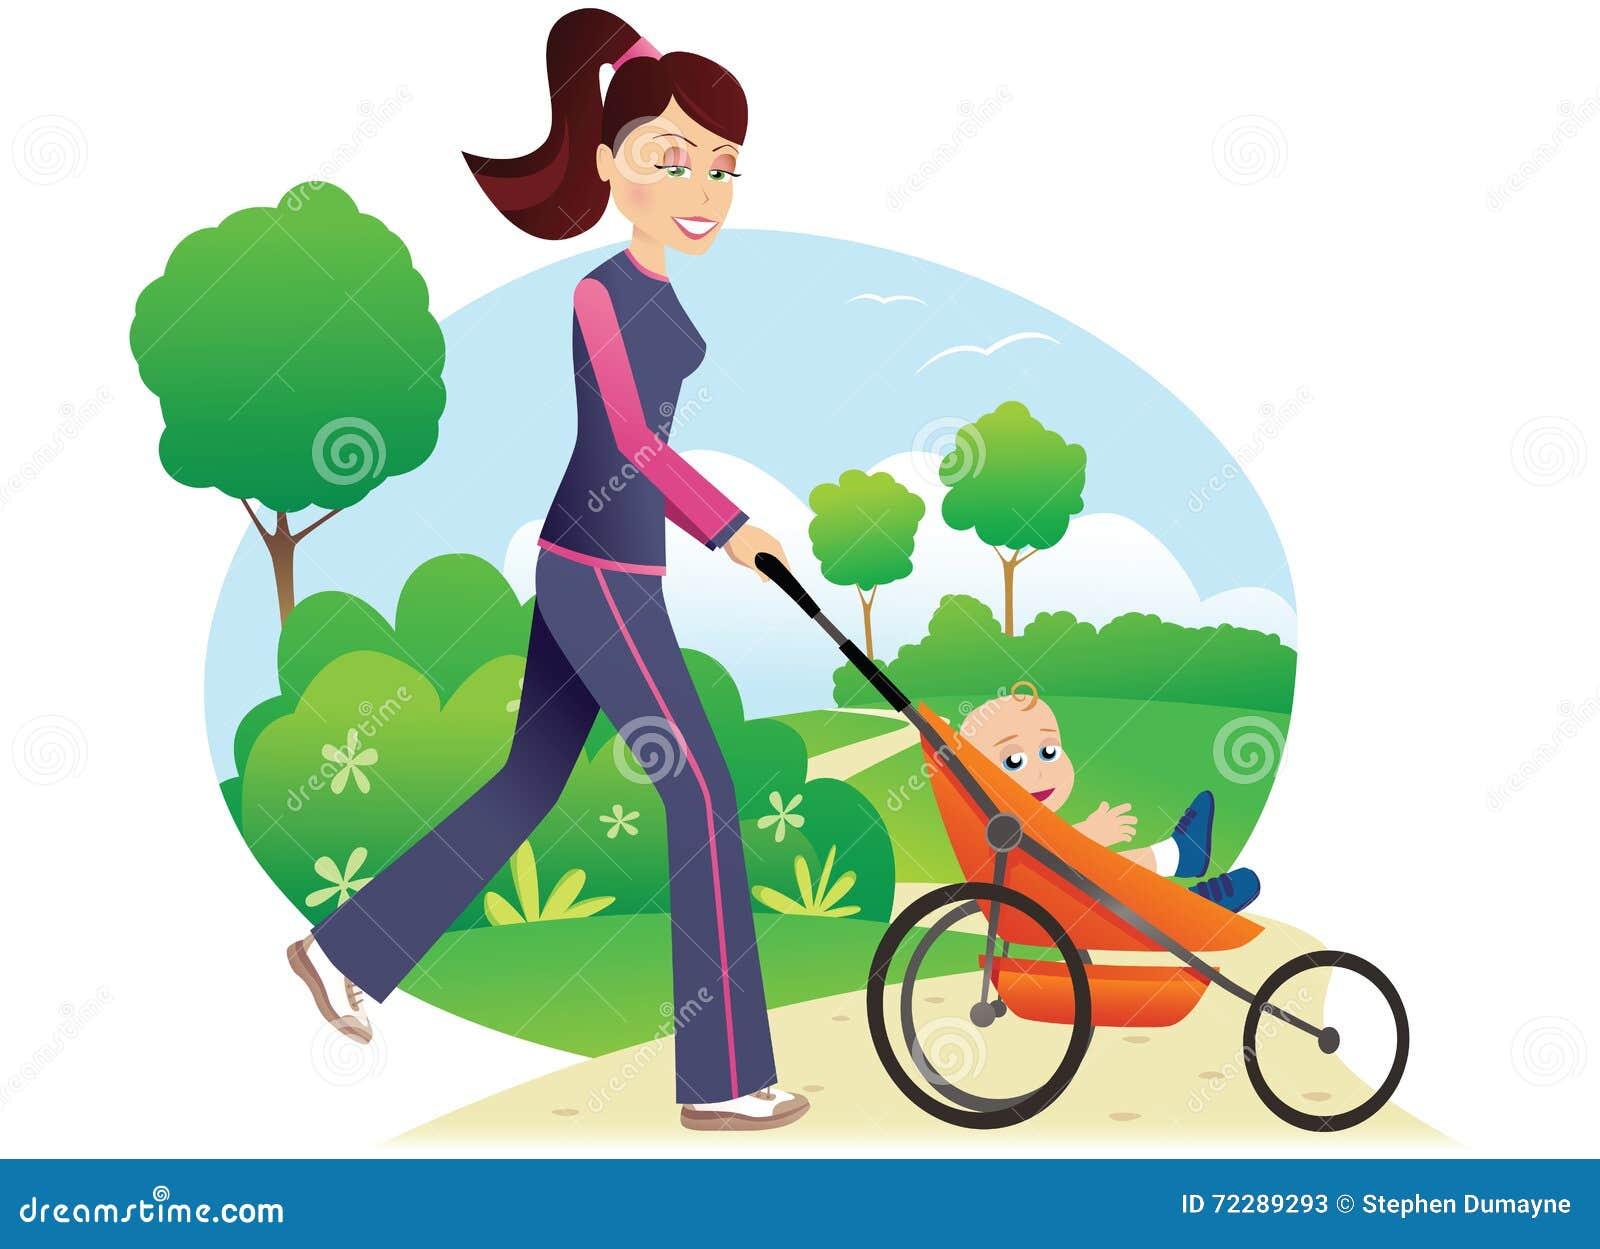 Download Женщина с Babystroller в парке Иллюстрация вектора - иллюстрации насчитывающей jogger, пригонка: 72289293